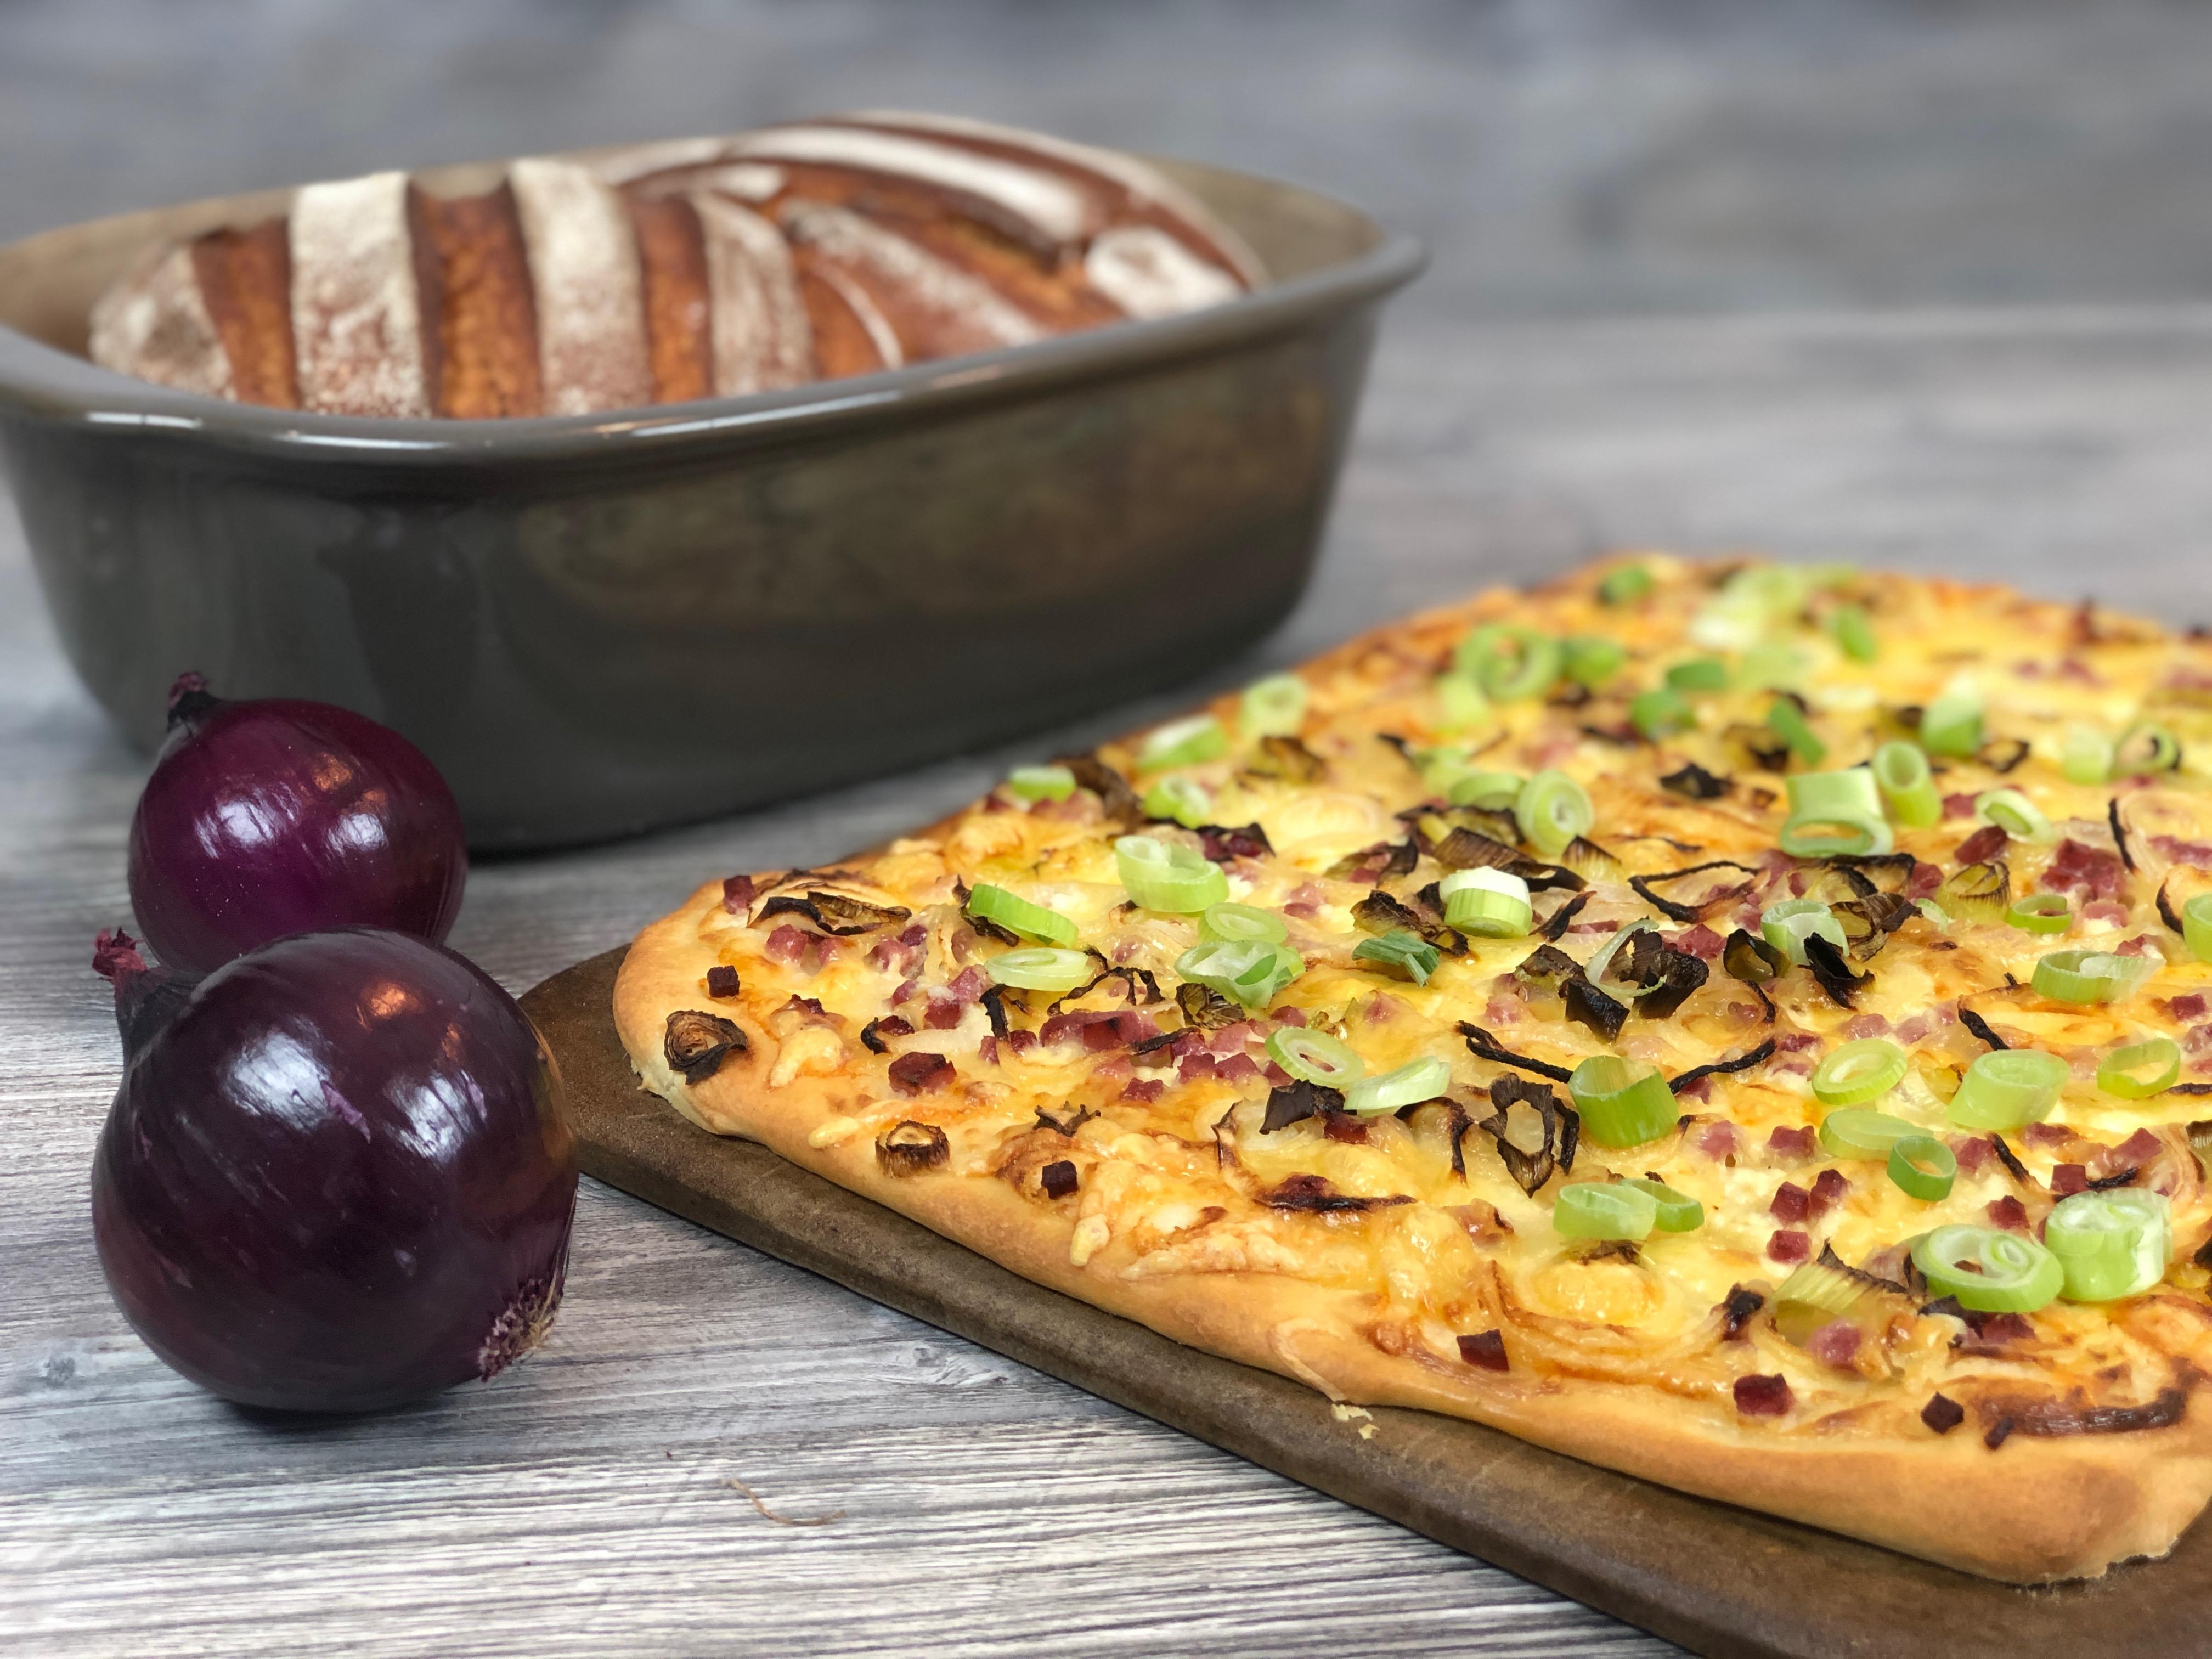 Ofenmeister mit Brot und Zauberstein mit Flammkuchen und 2 Zwiebeln